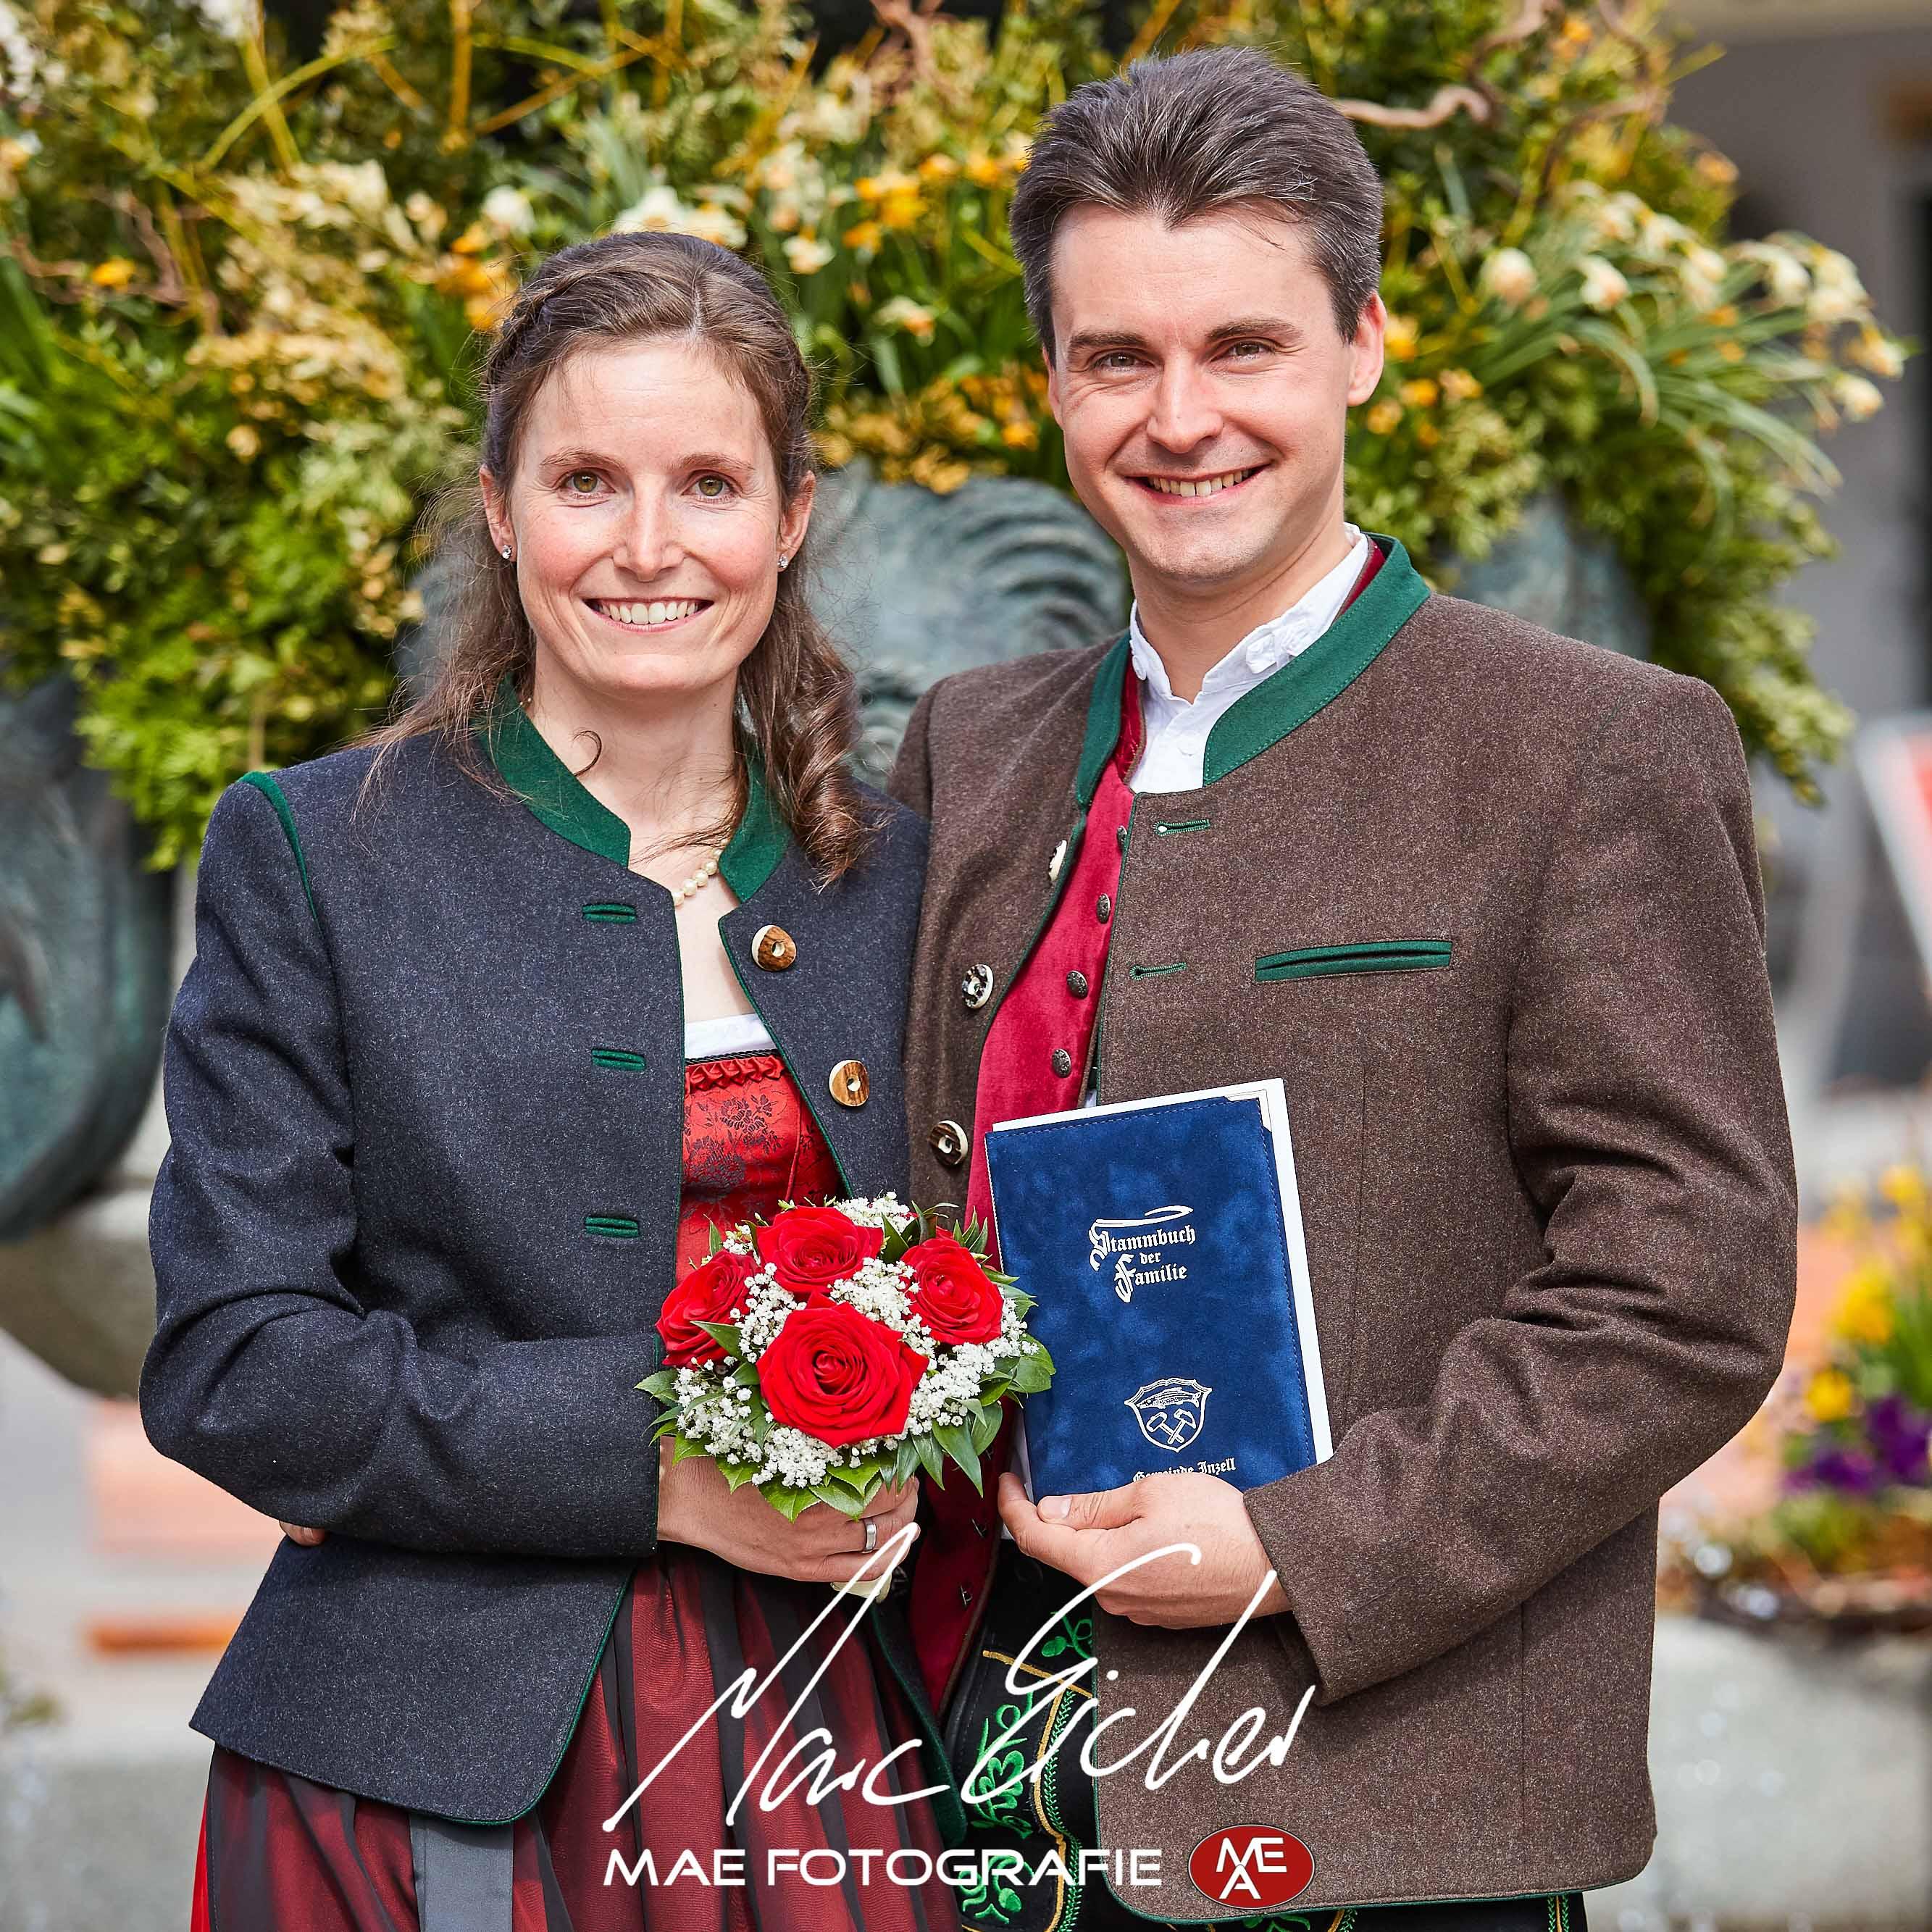 Hochzeitsfotografie_MAE-PIC-7.jpg